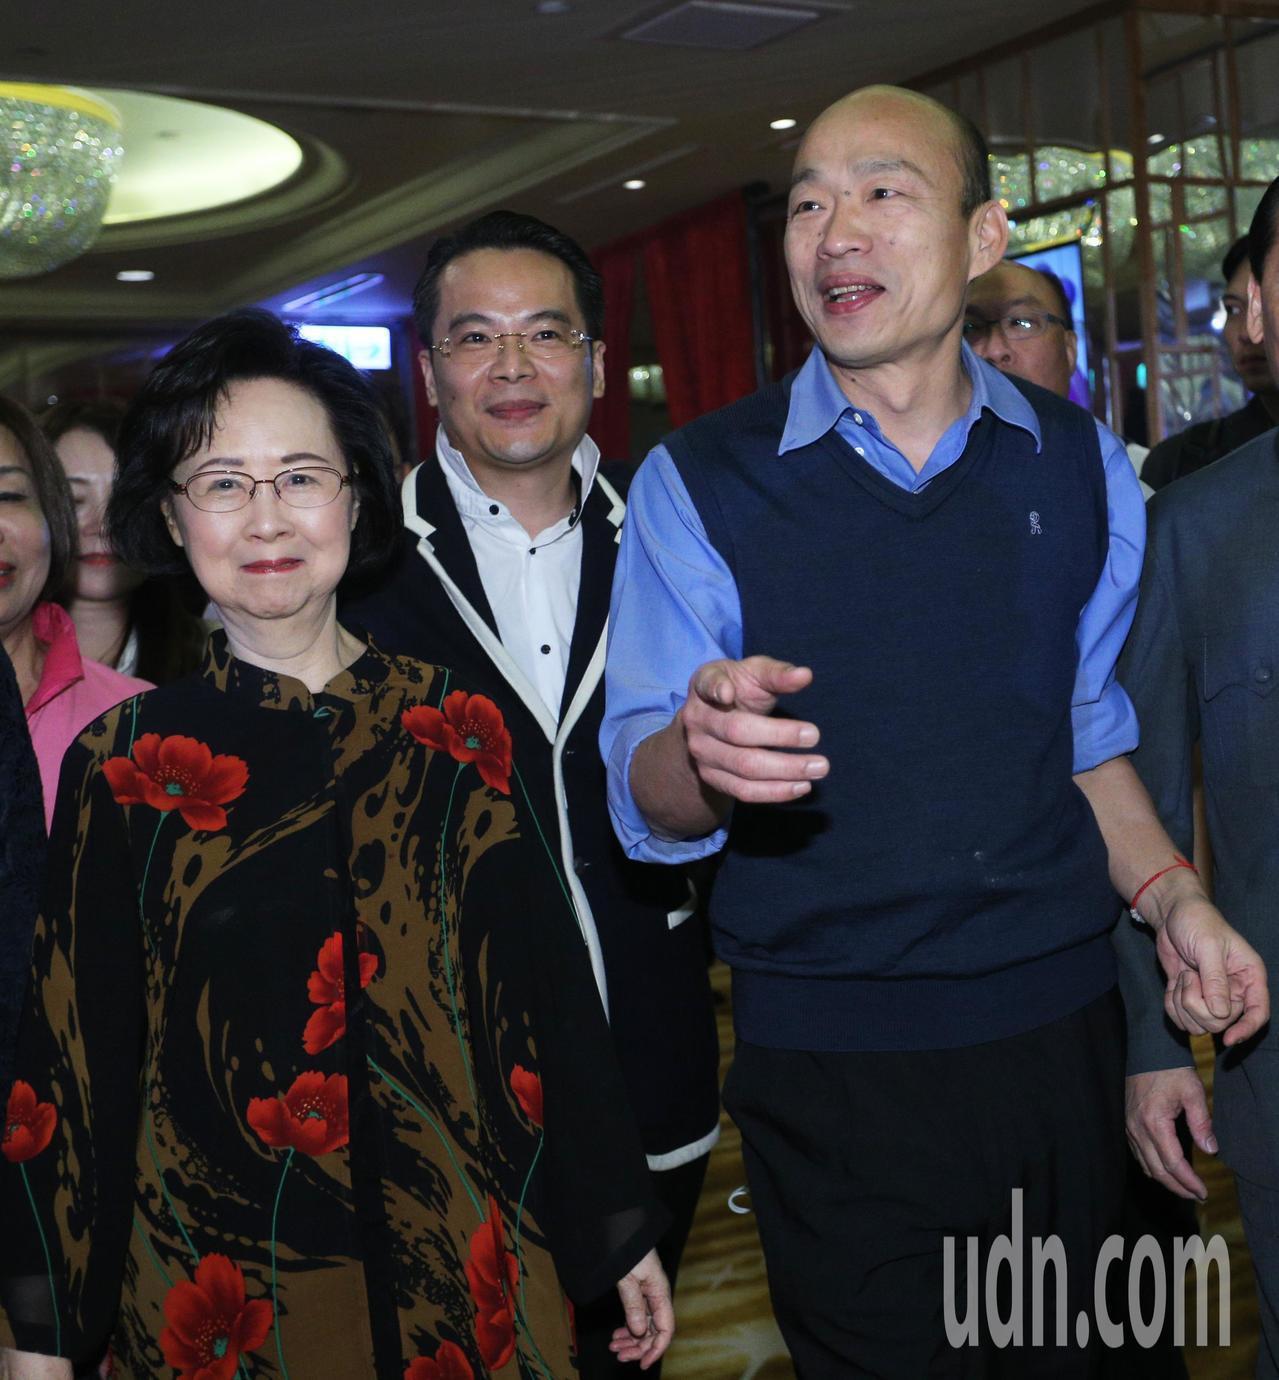 高雄市長韓國瑜(右)今晚參加瓊瑤宴,並與作家瓊瑤(左)一起出席。記者劉學聖/攝影